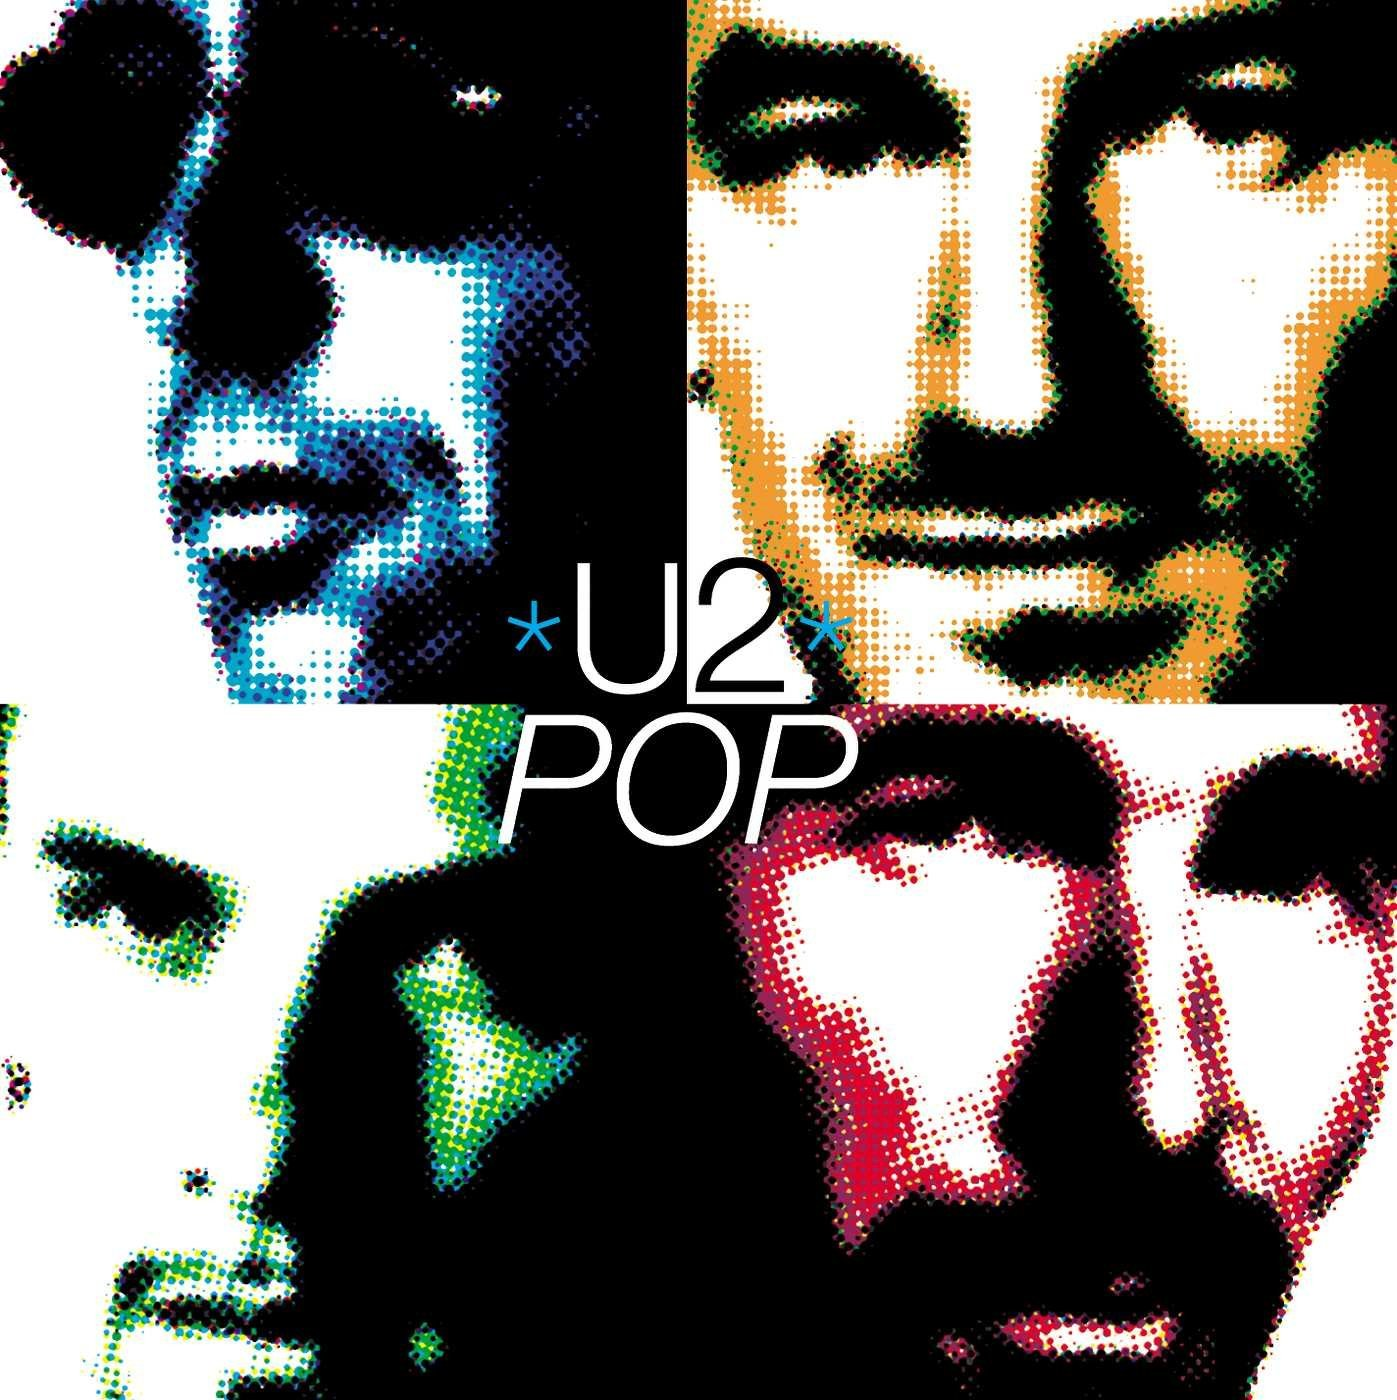 U2, Pop